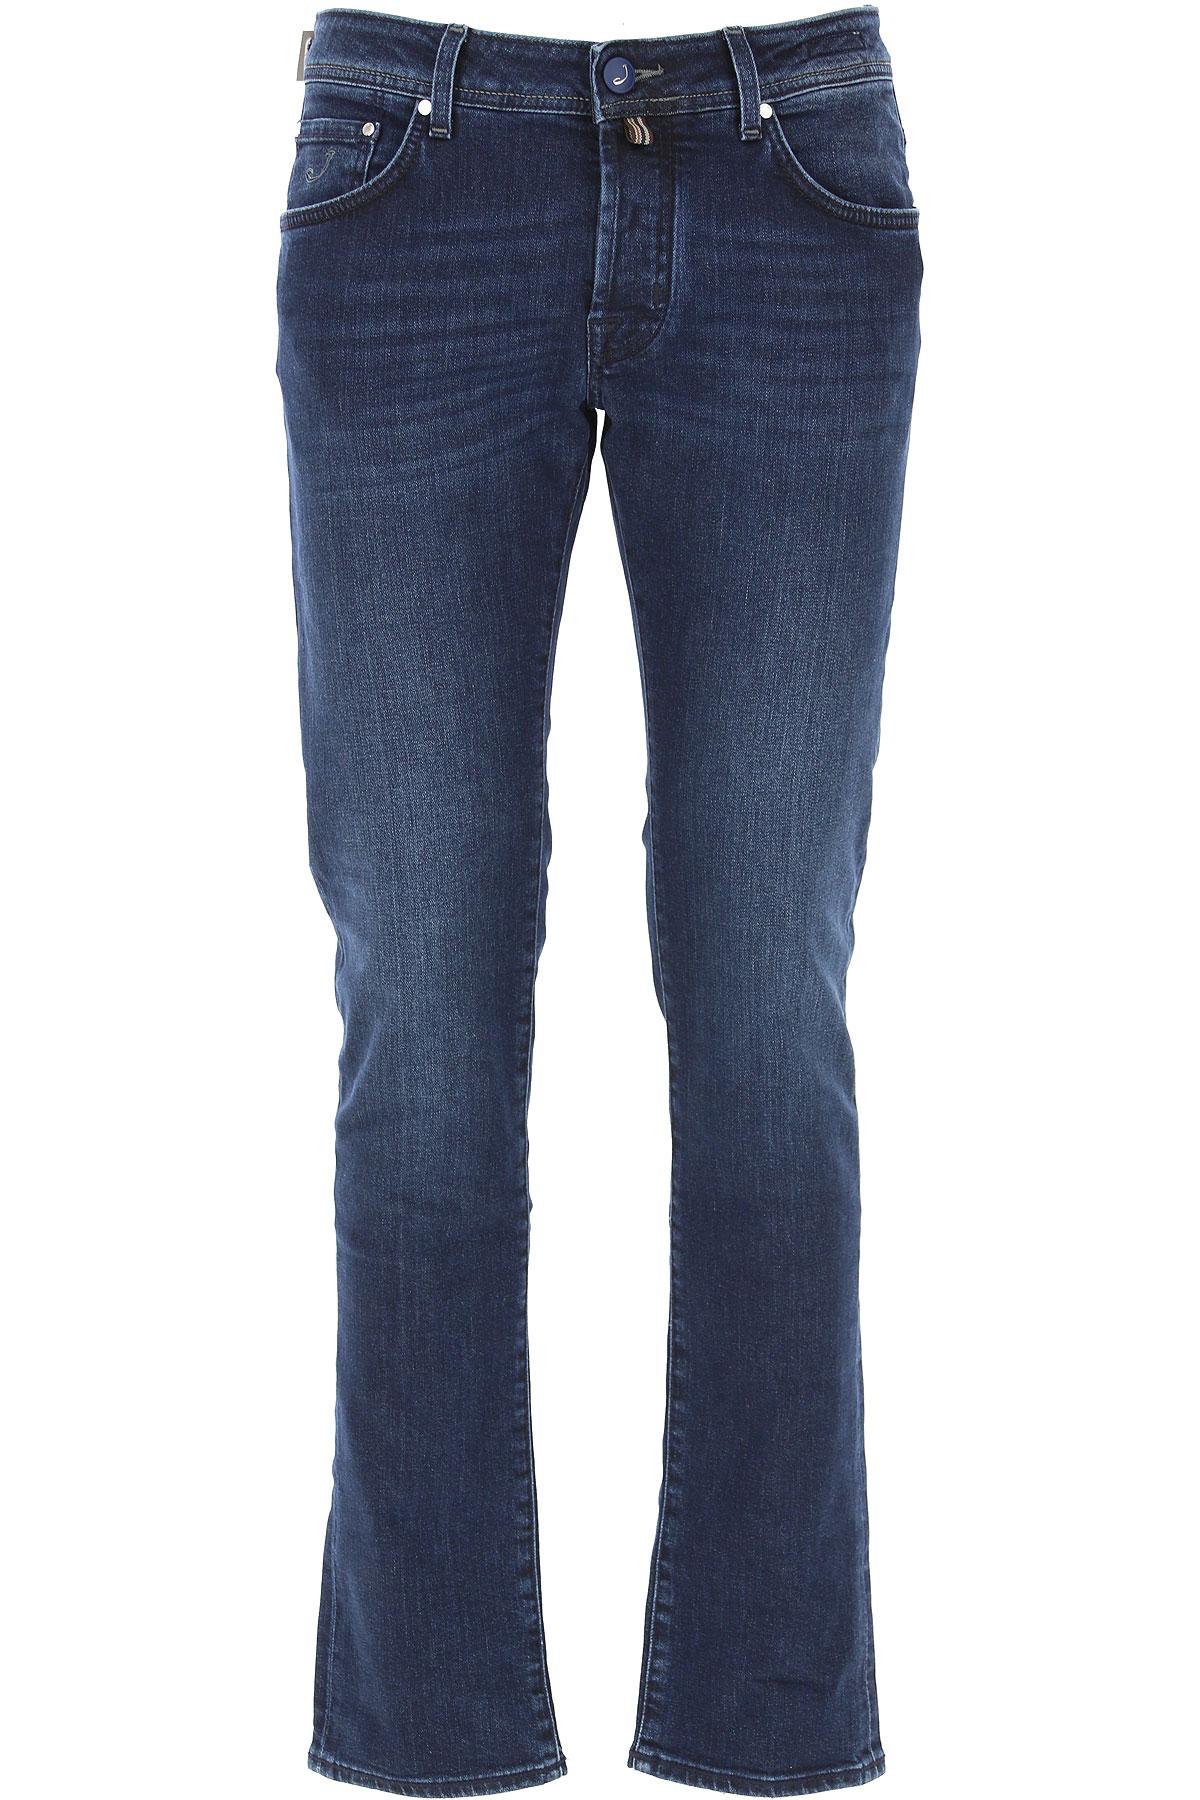 Jacob Cohen Jeans On Sale, Dark Blue, Cotton, 2019, 33 34 38